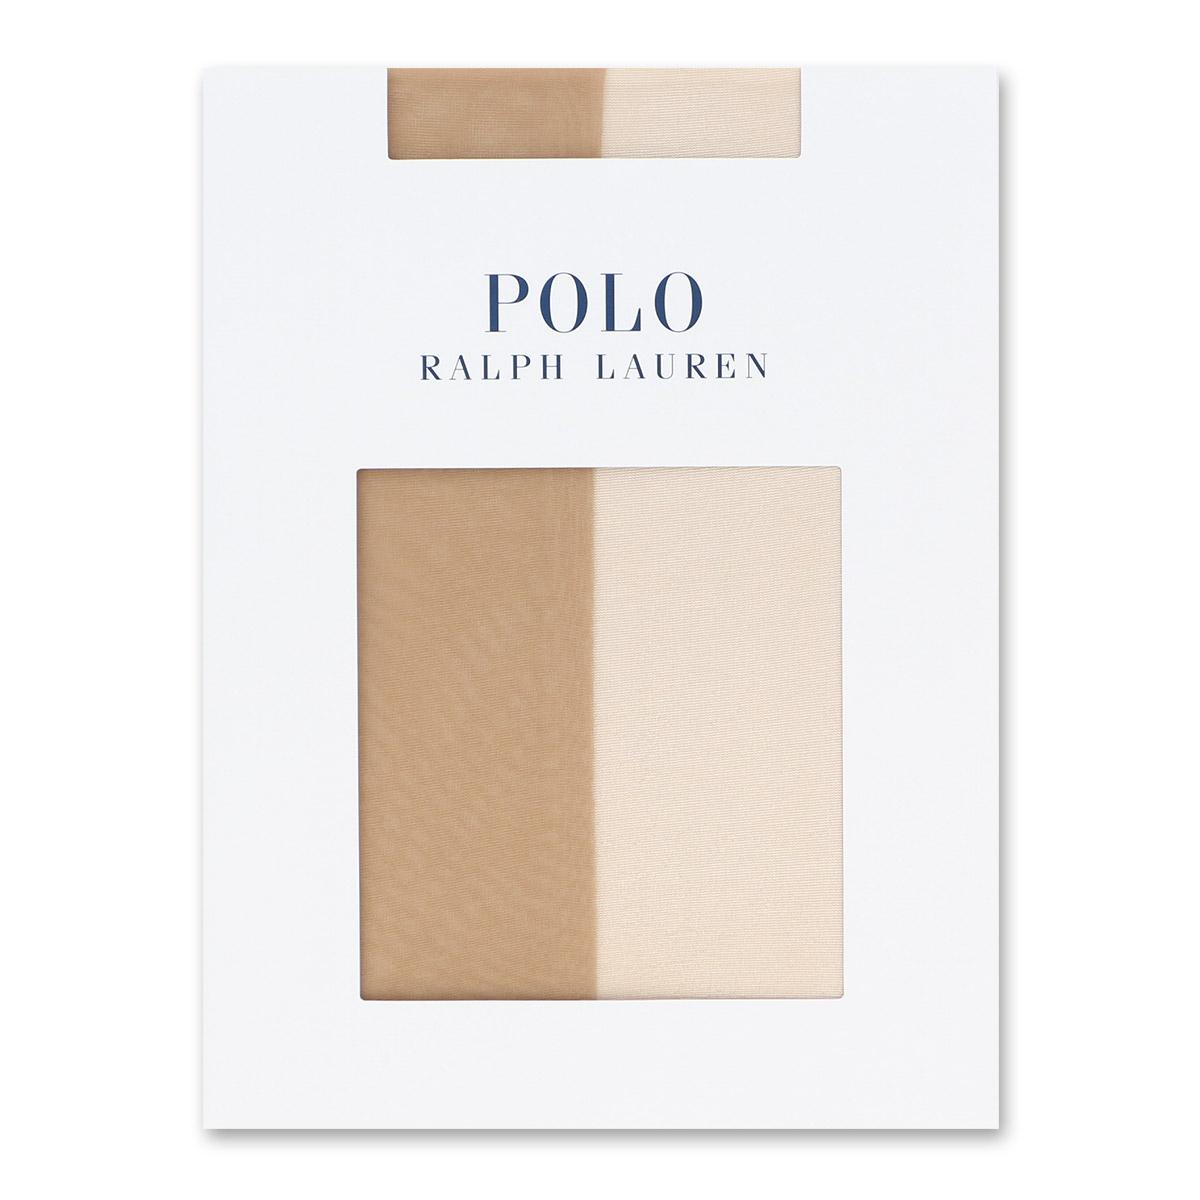 POLO RALPH LAUREN ポロ ラルフローレン パンティストッキング ウィメンズ ウルトラシアーサポート シルクプロテイン加工 ハイゲージ 高い透明感 183-2111